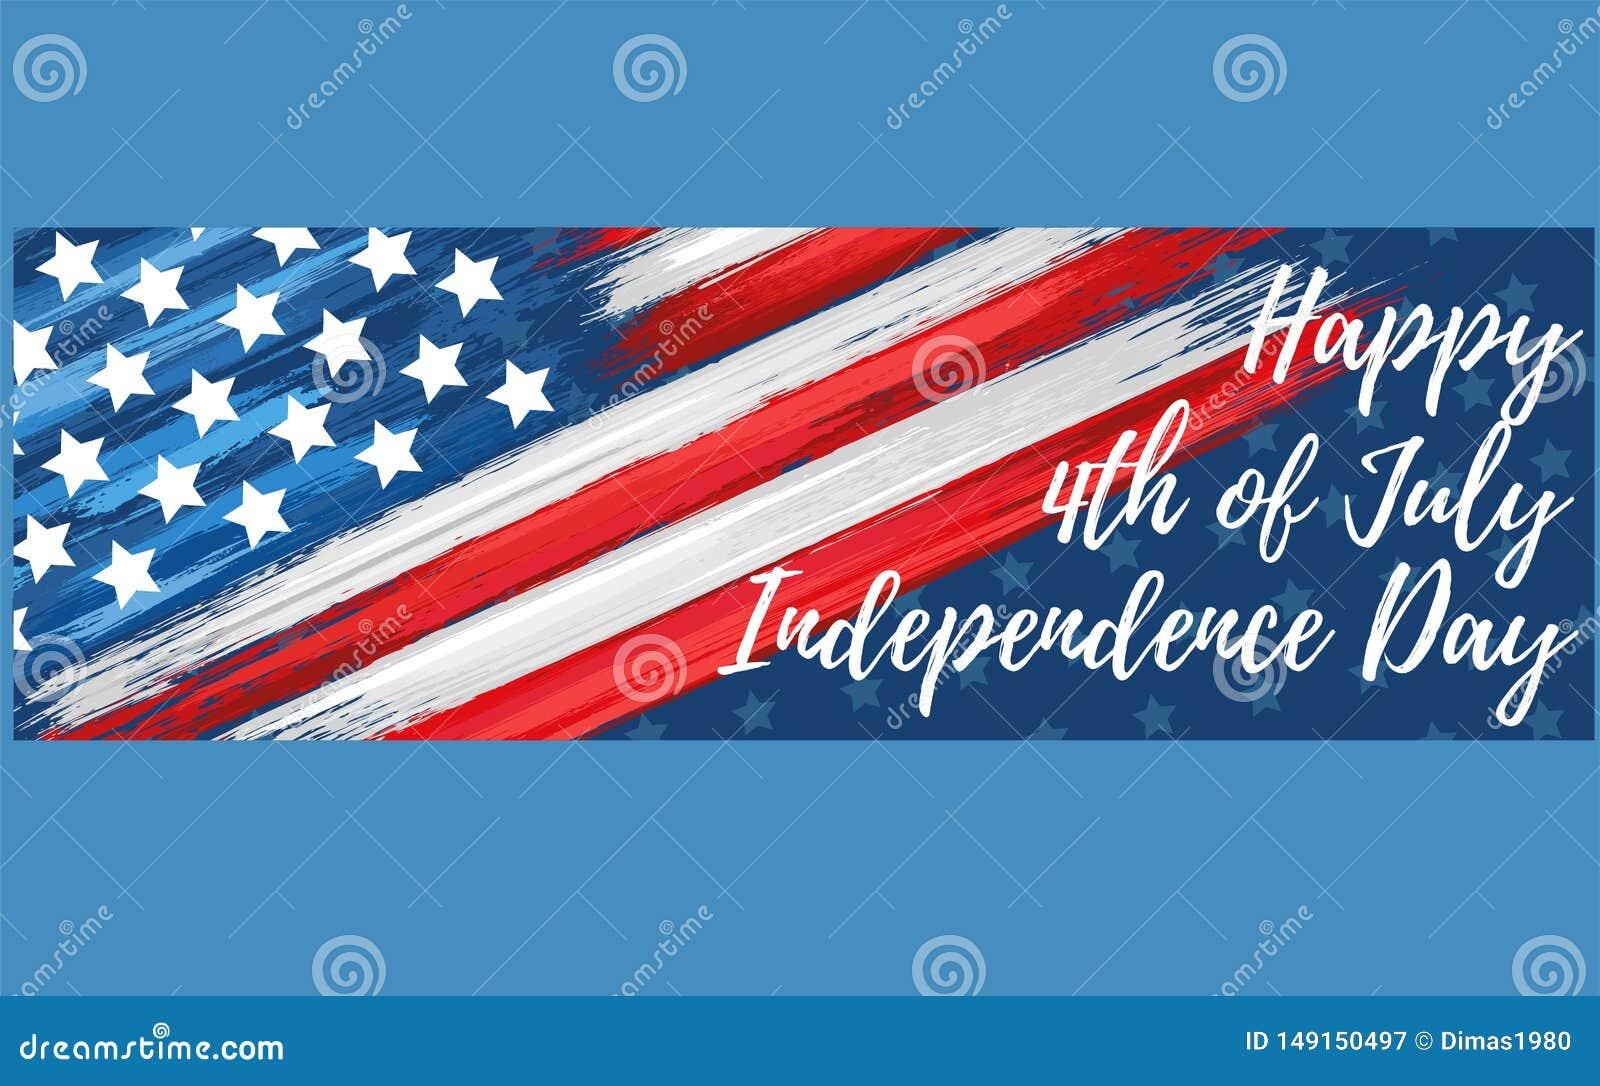 Gelukkige Onafhankelijkheid Dag vierde van Juli